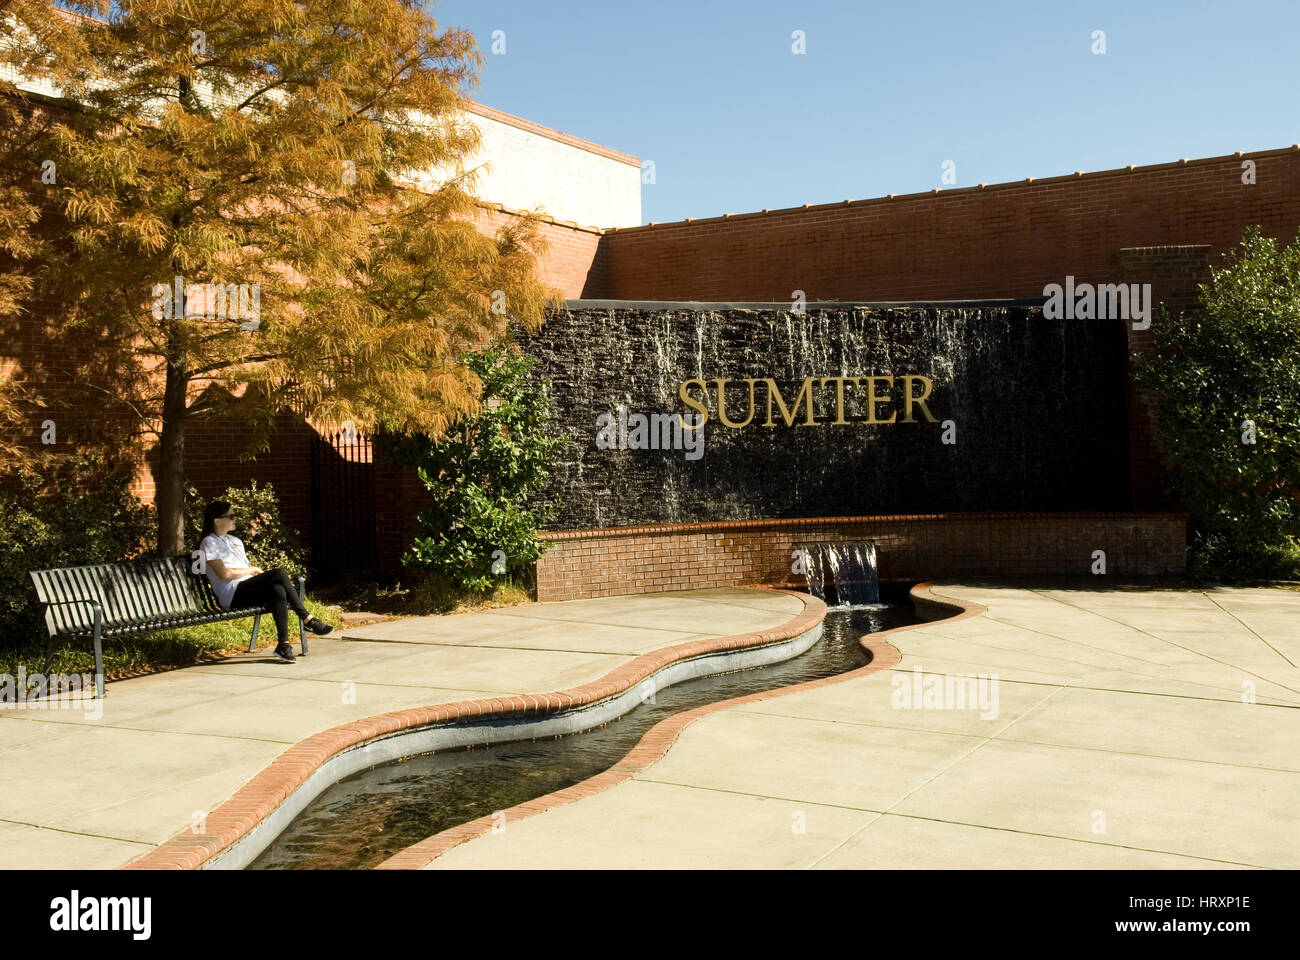 Centennial Plaza in Sumter, SC, USA. - Stock Image